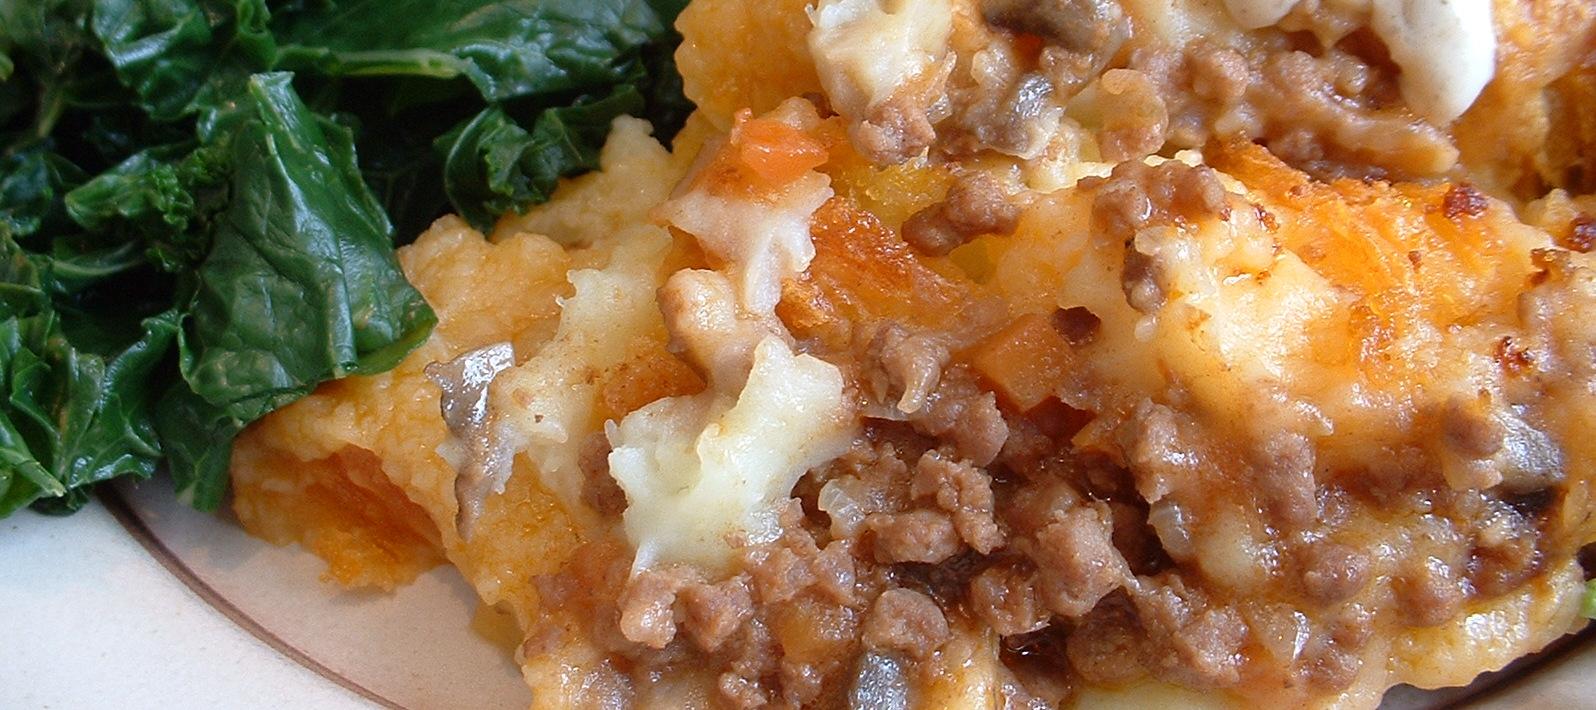 Cottage pie recipe | Cottage pie | Shepherds pie |